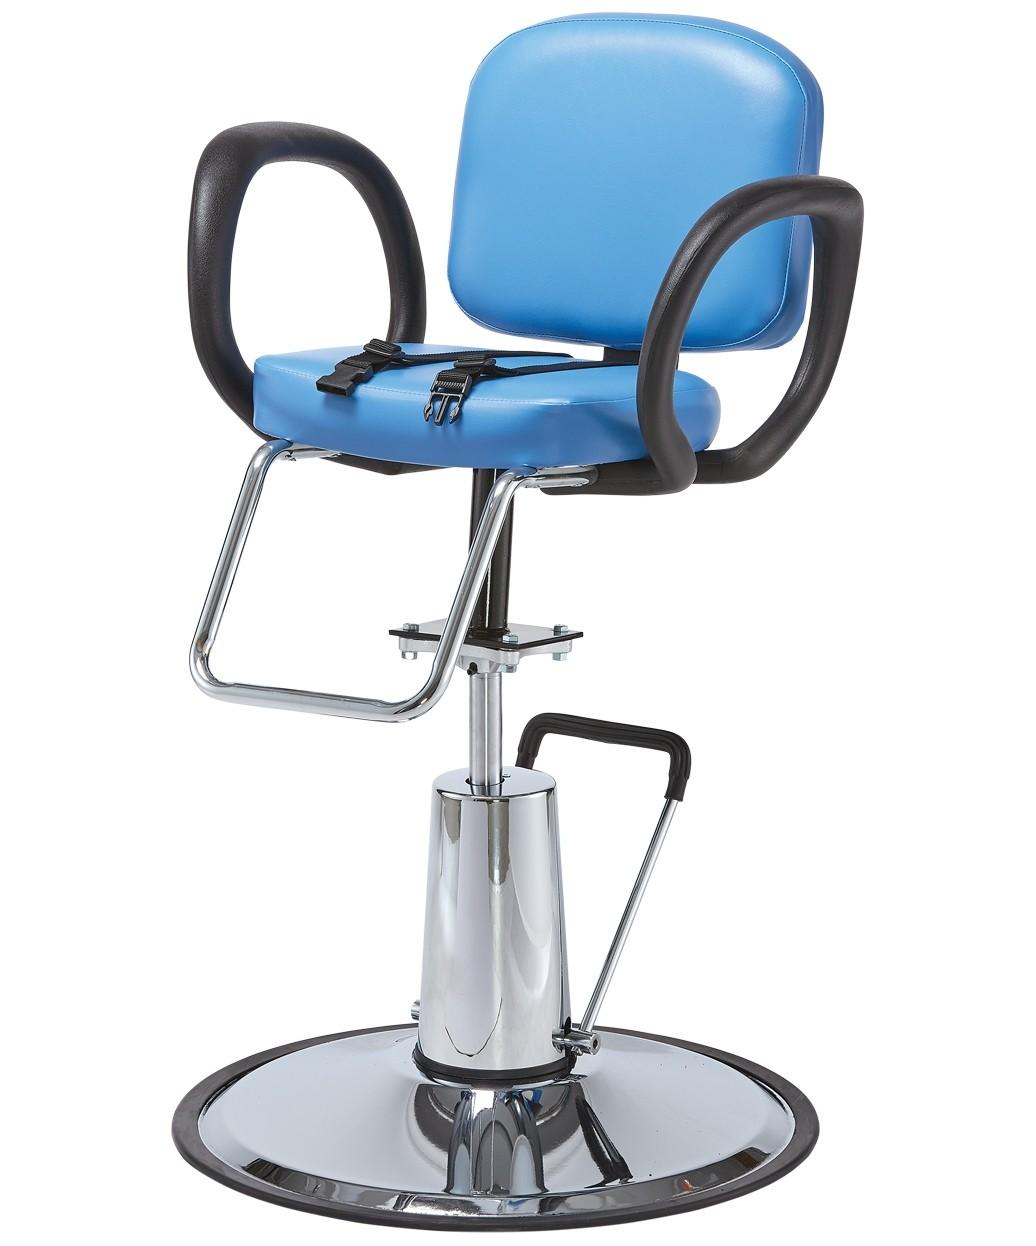 Pibbs 5470 Loop Kid's Styling Chair